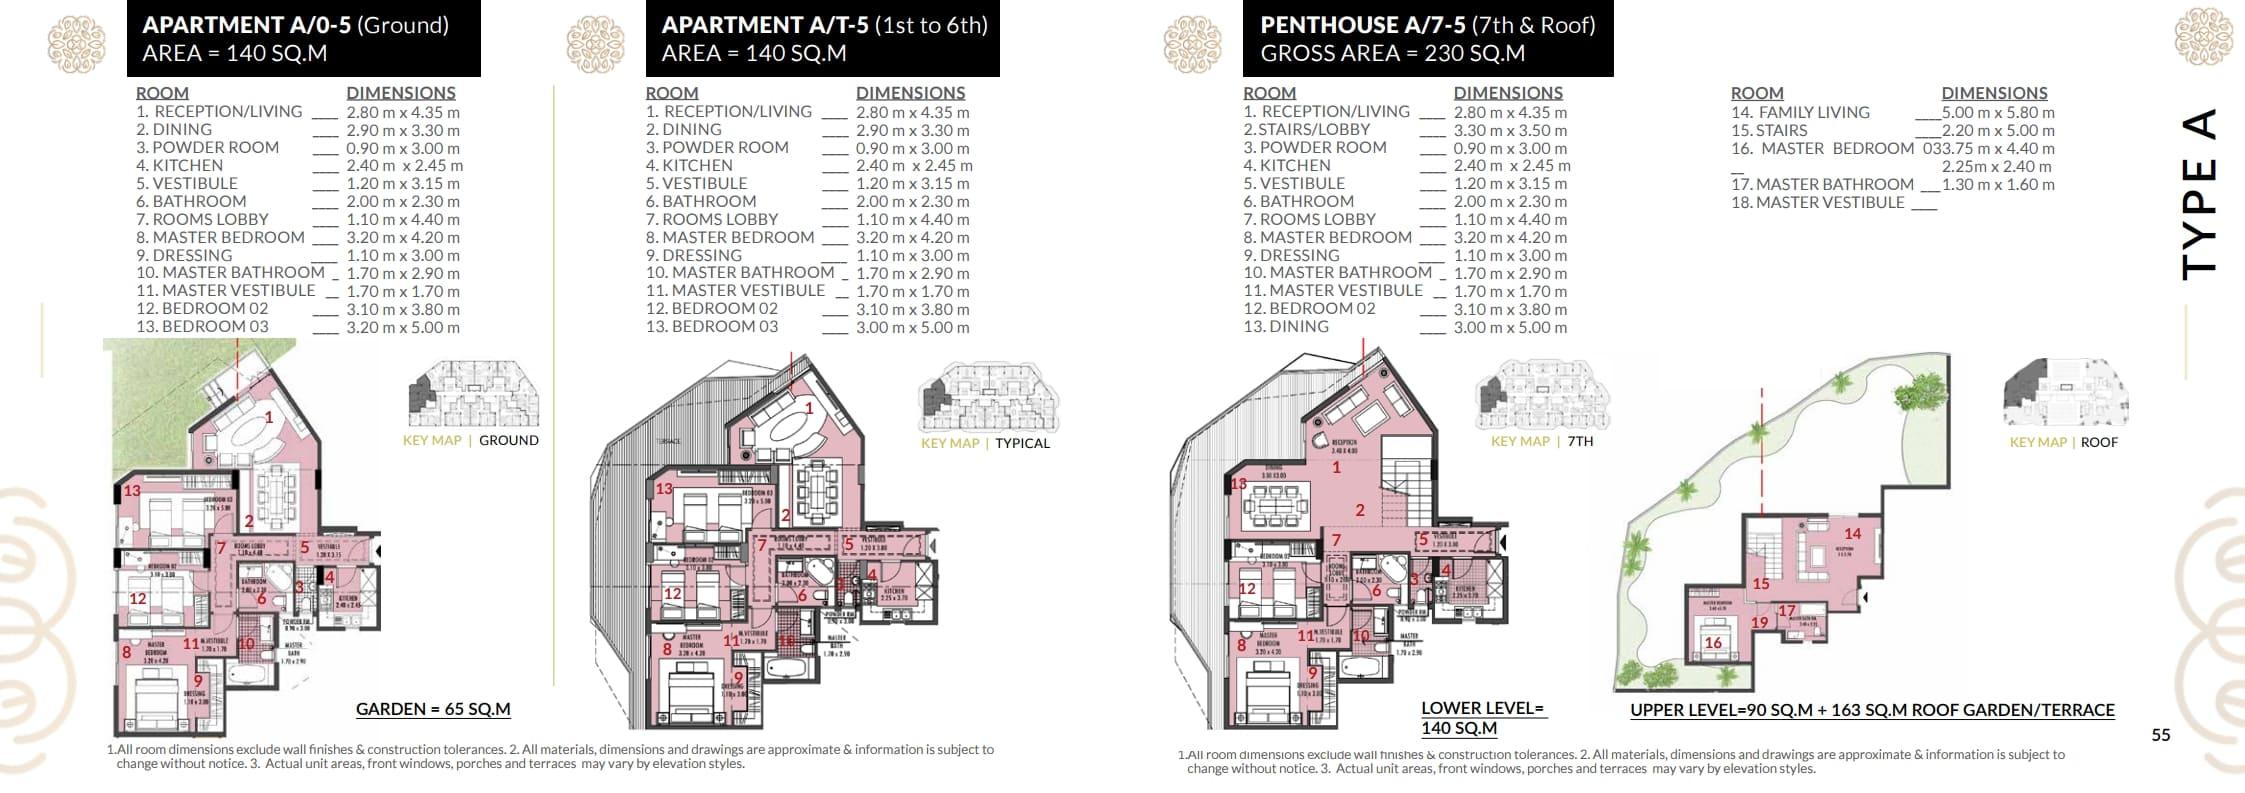 شقة140م للبيع بكمبوند روزس العاصمة الاداريه باقساط تصل ل9سنوات